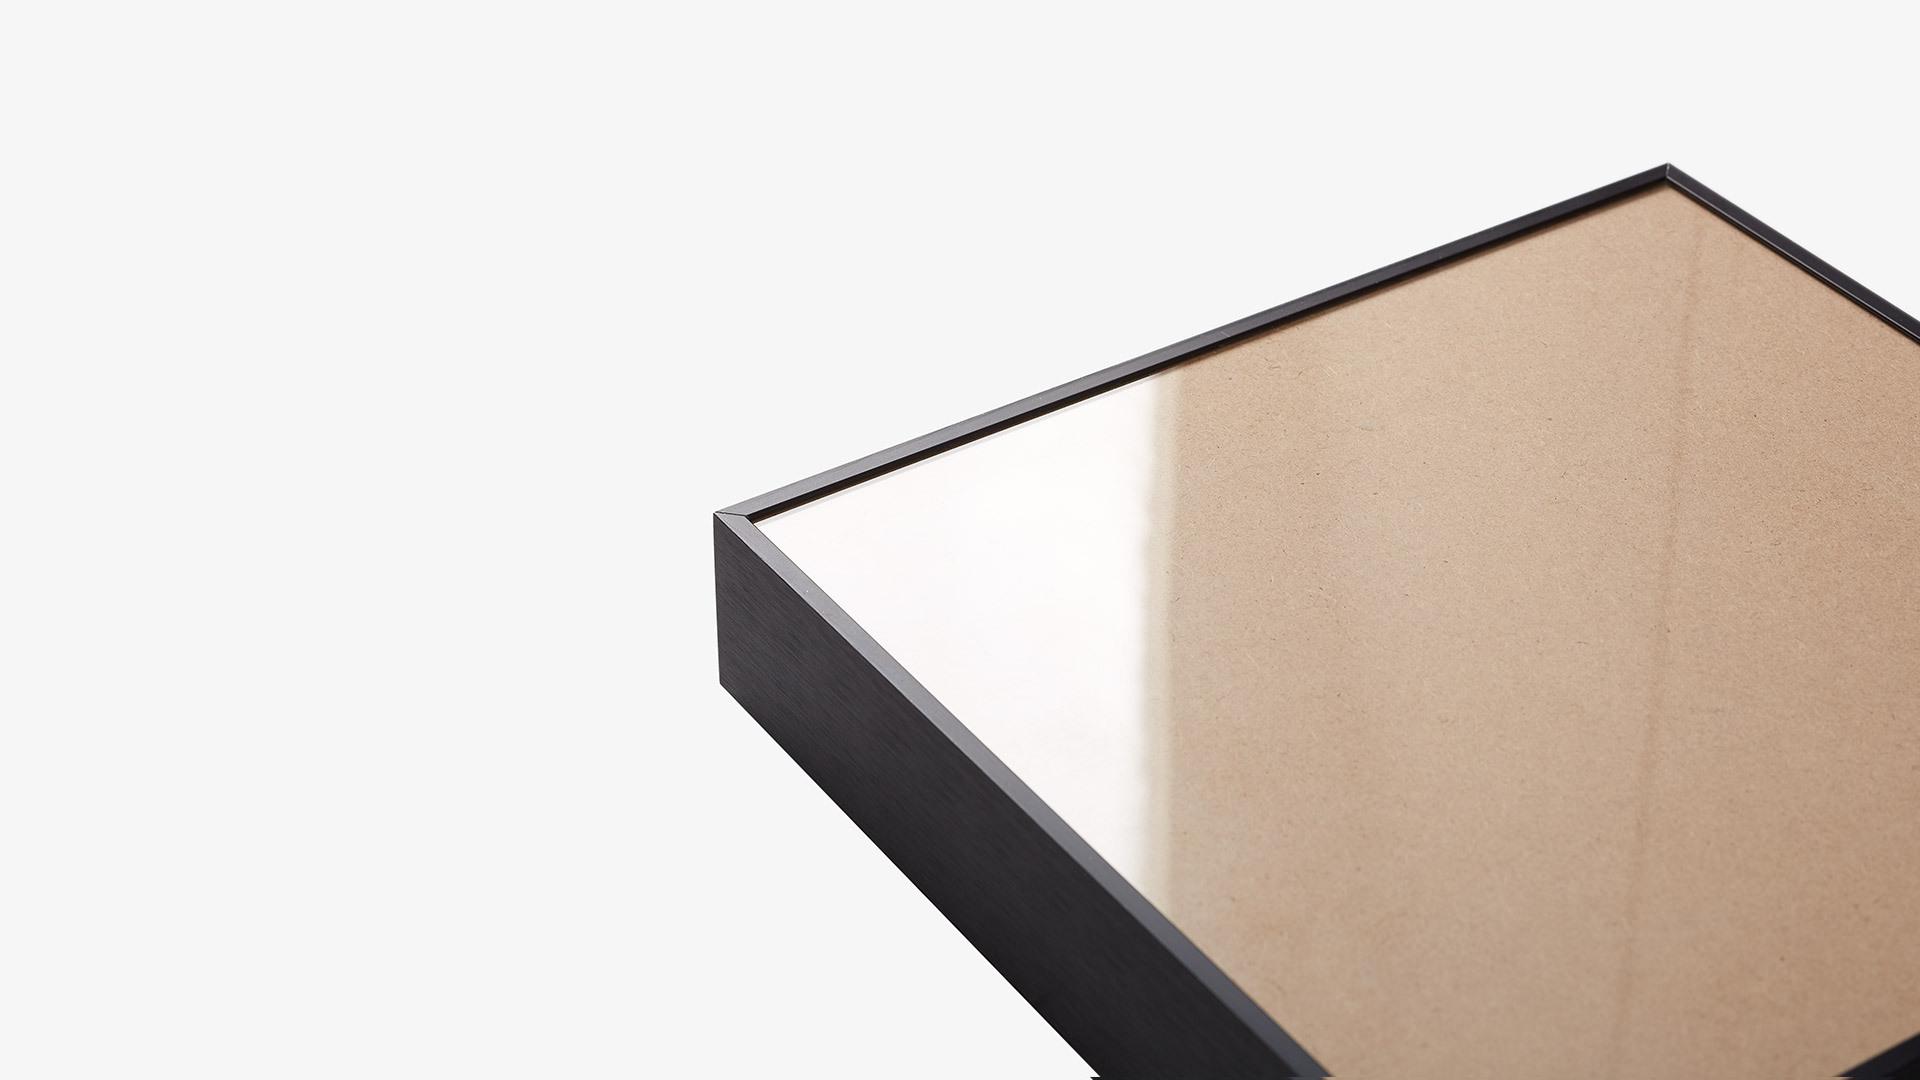 通透耐用有机玻璃<br/>保护画芯,还原初色